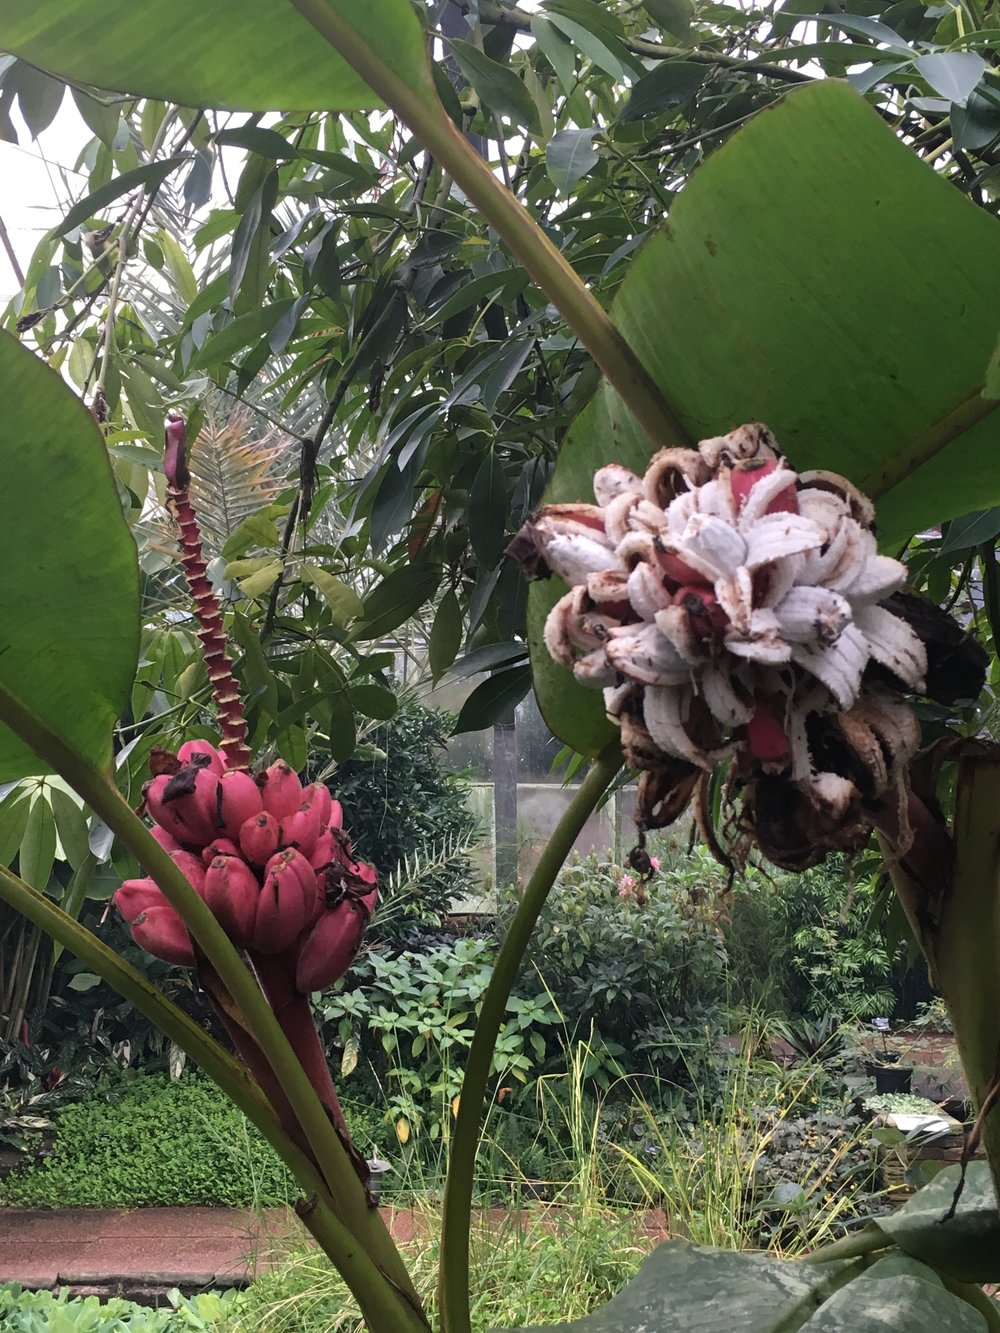 Unmodified bananas grown at the botanics